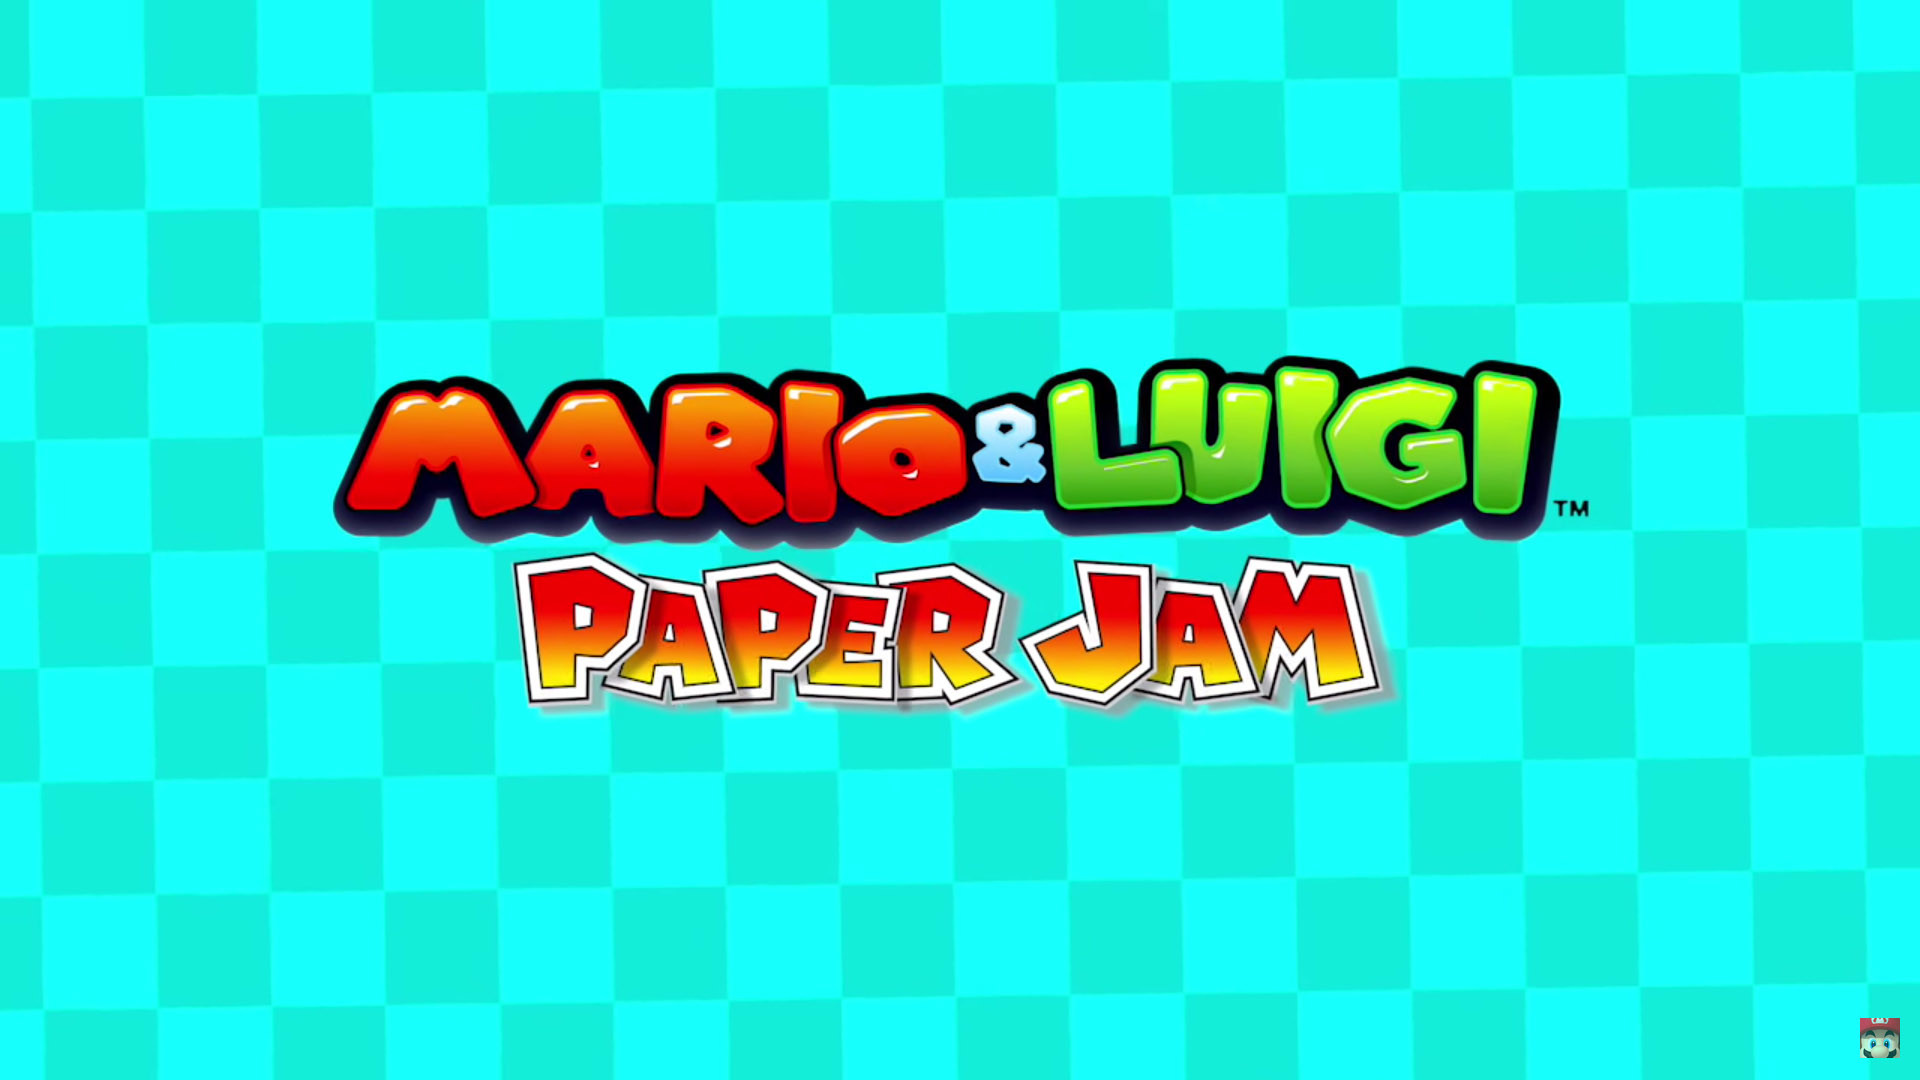 Video Game – Mario & Luigi: Paper Jam Wallpaper